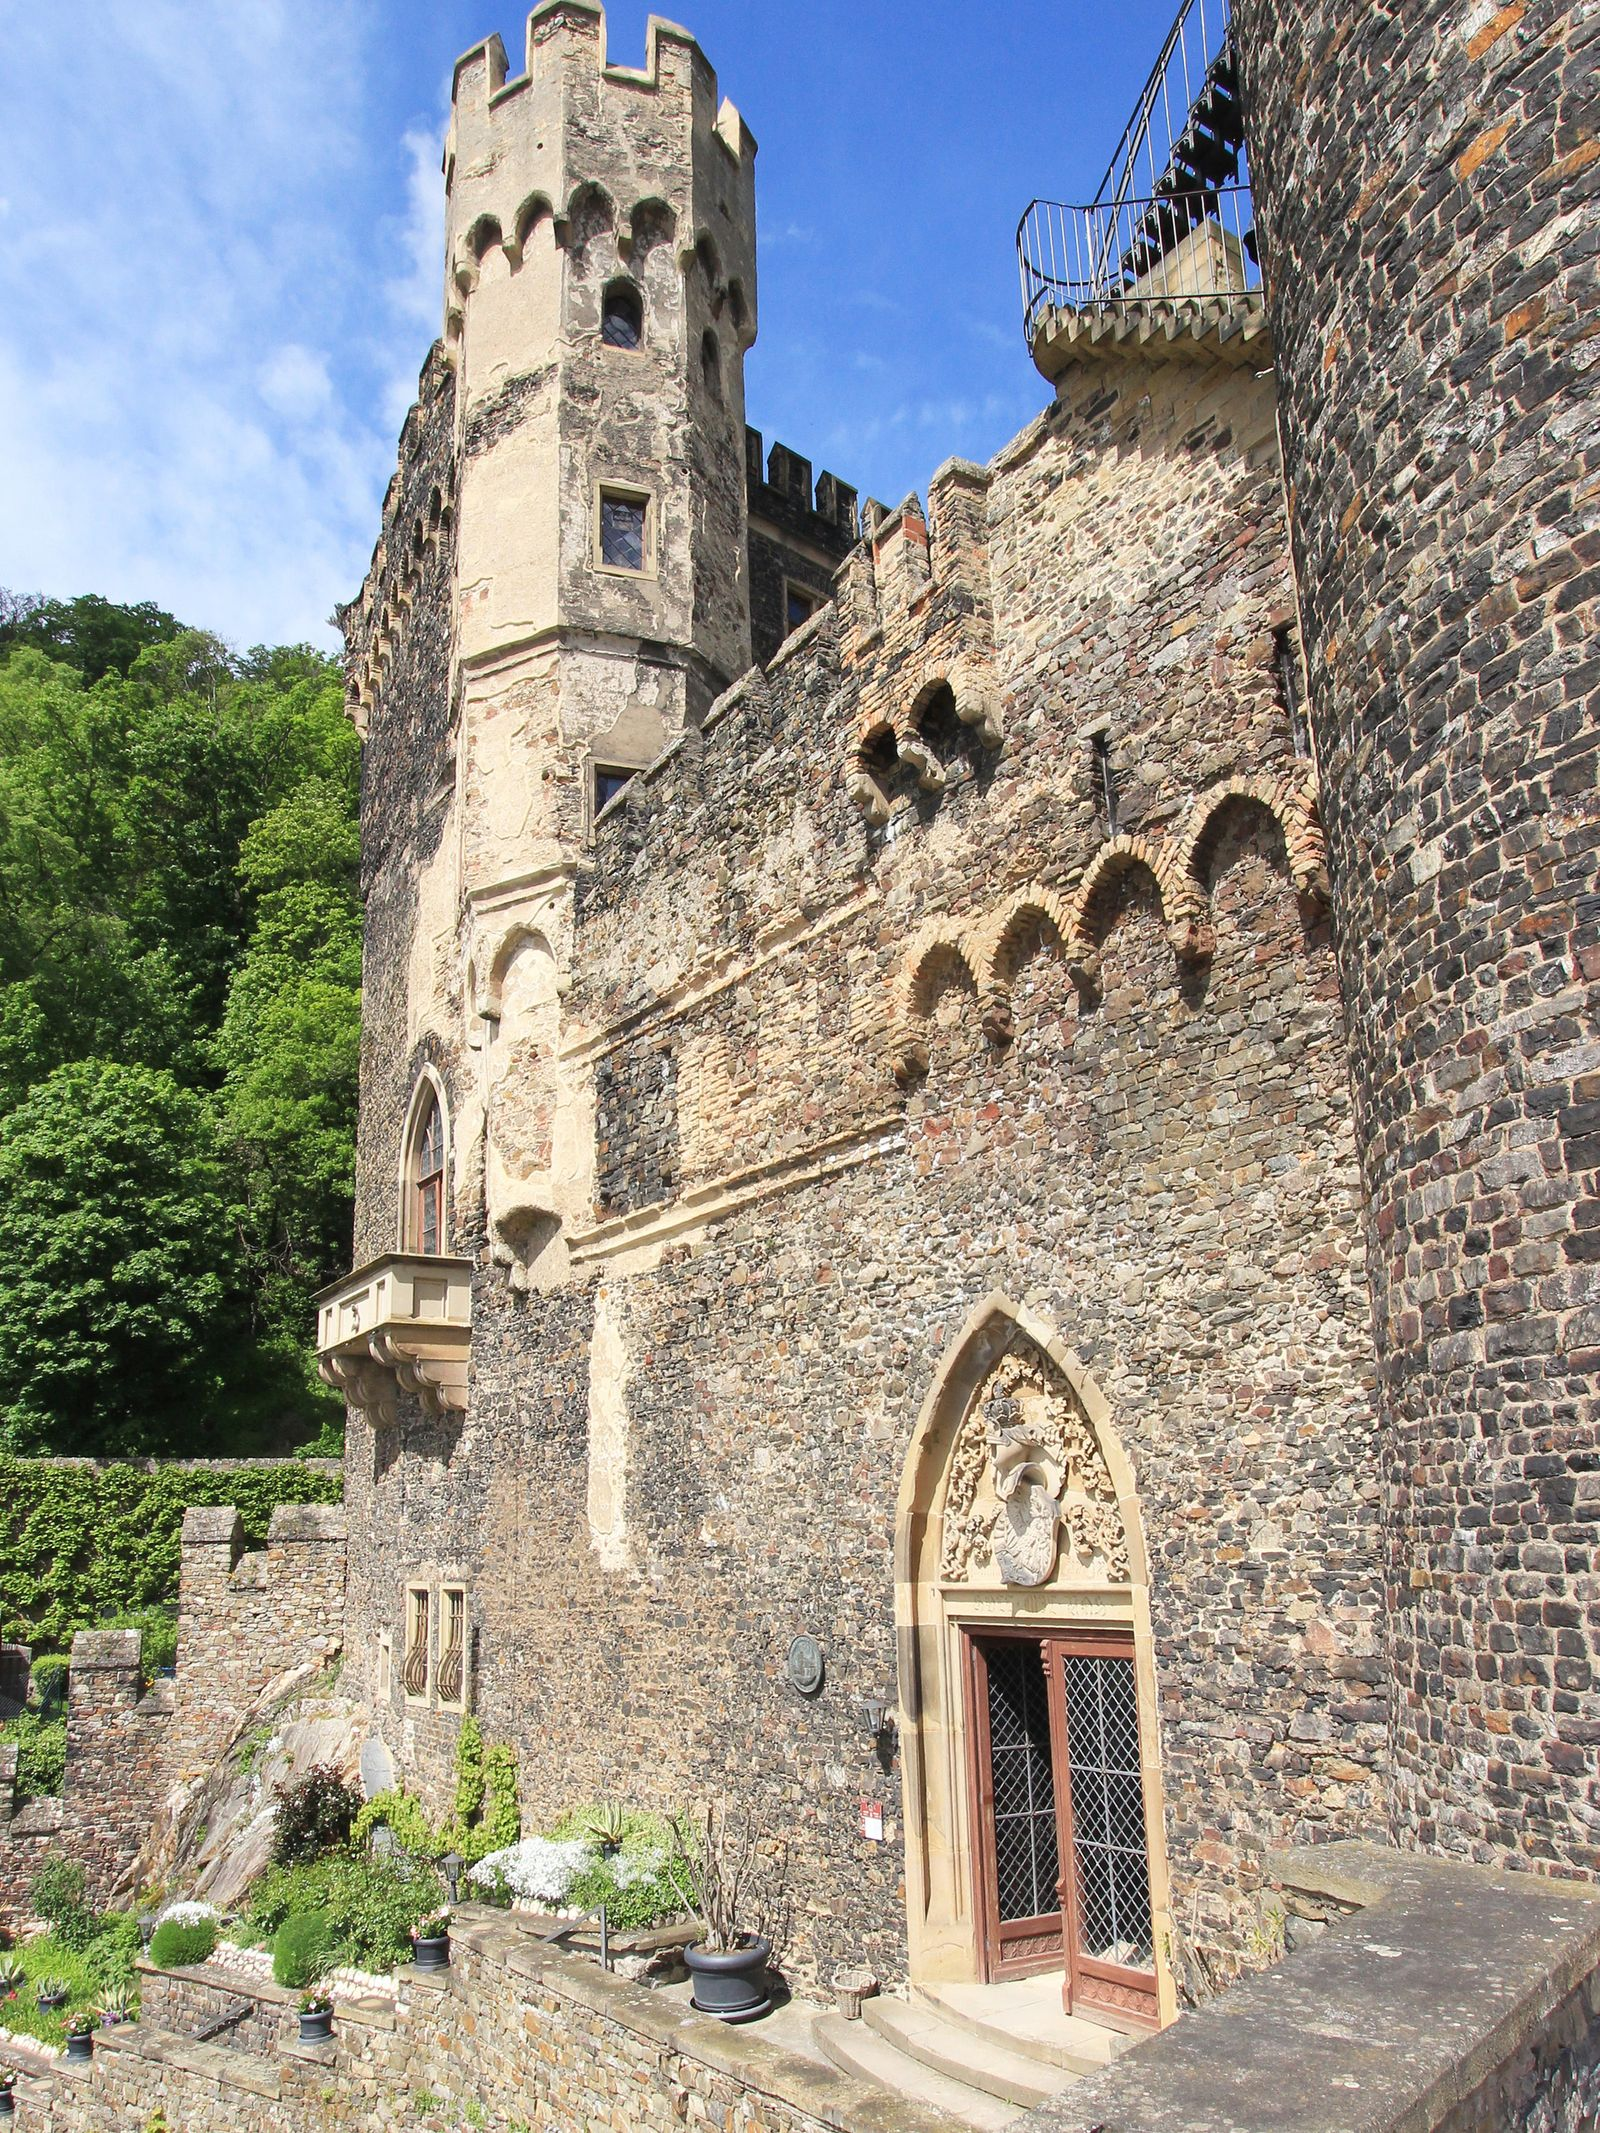 Mittleres Rheintal: Burgen, Riesling und Romantik